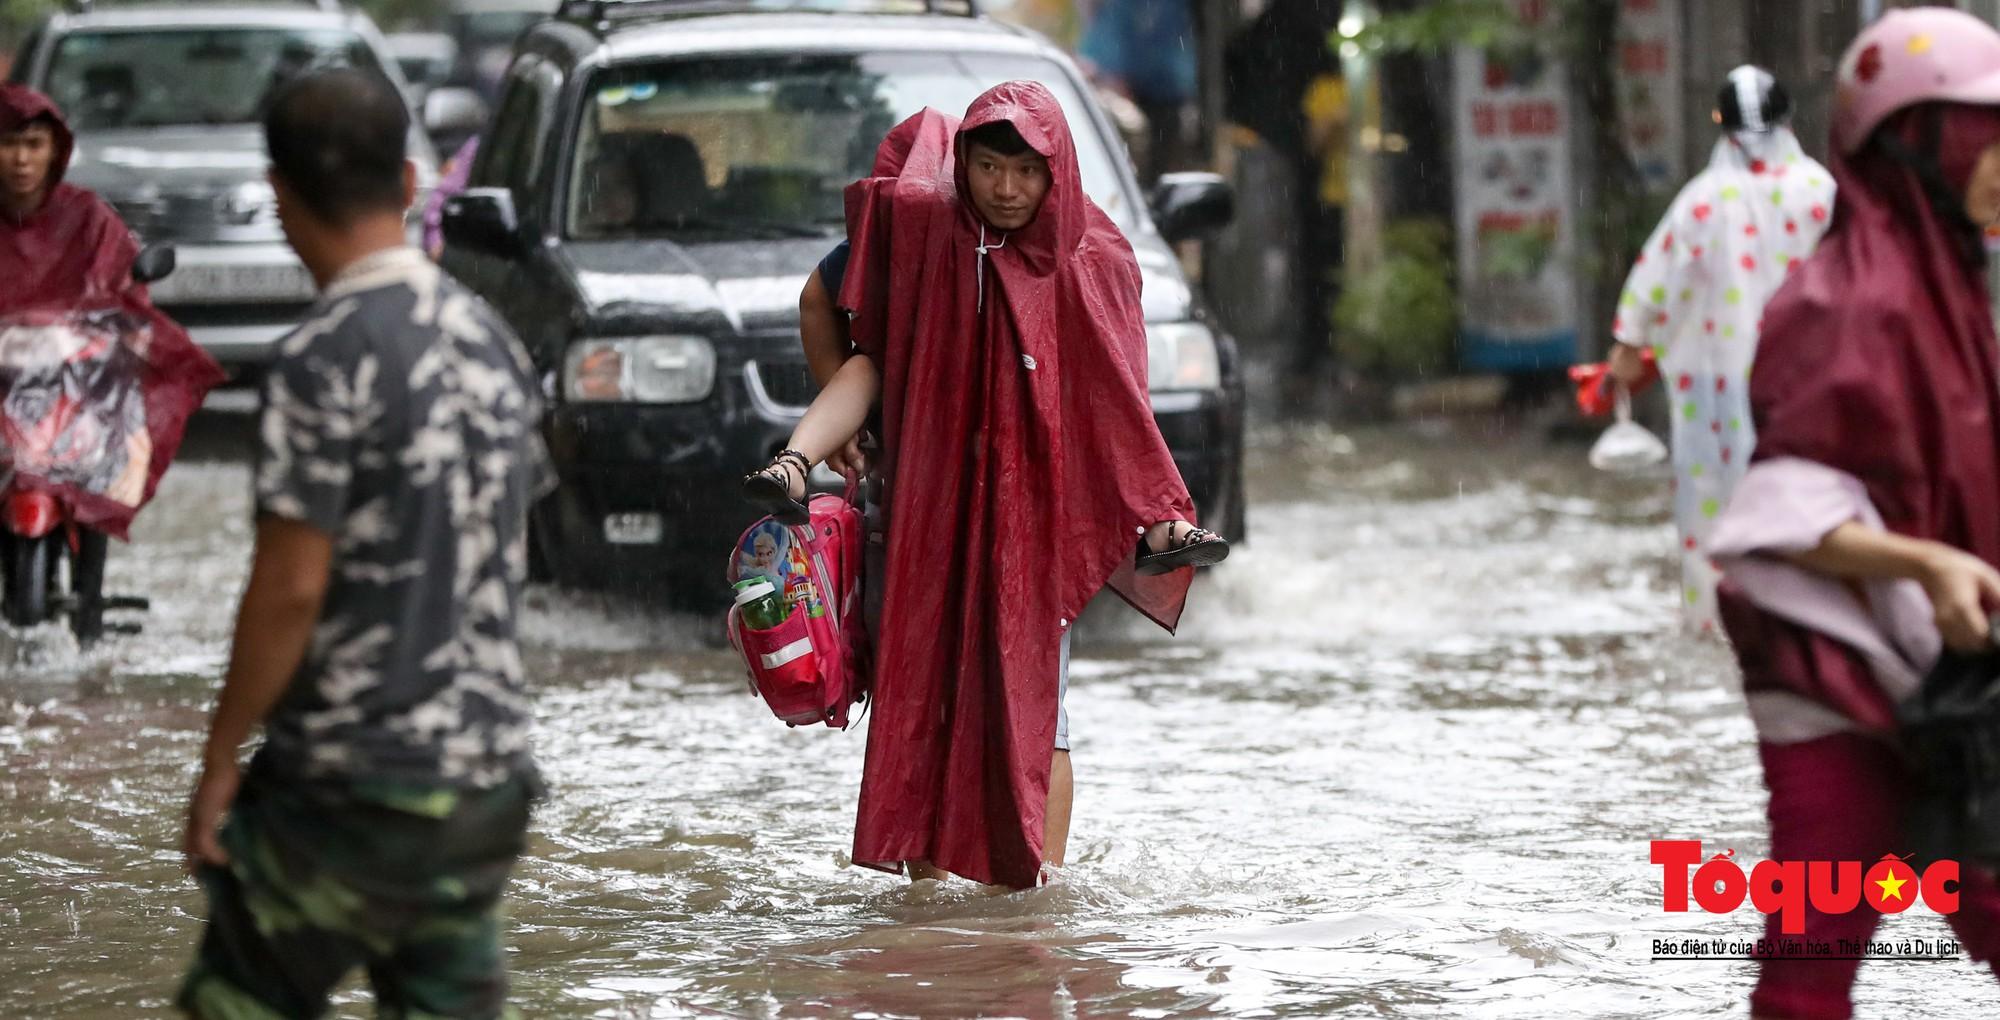 Hình ảnh xưa nay hiếm ở Thủ đô Hà Nội  cha mẹ cõng con vượt sông trong phố đến trường10